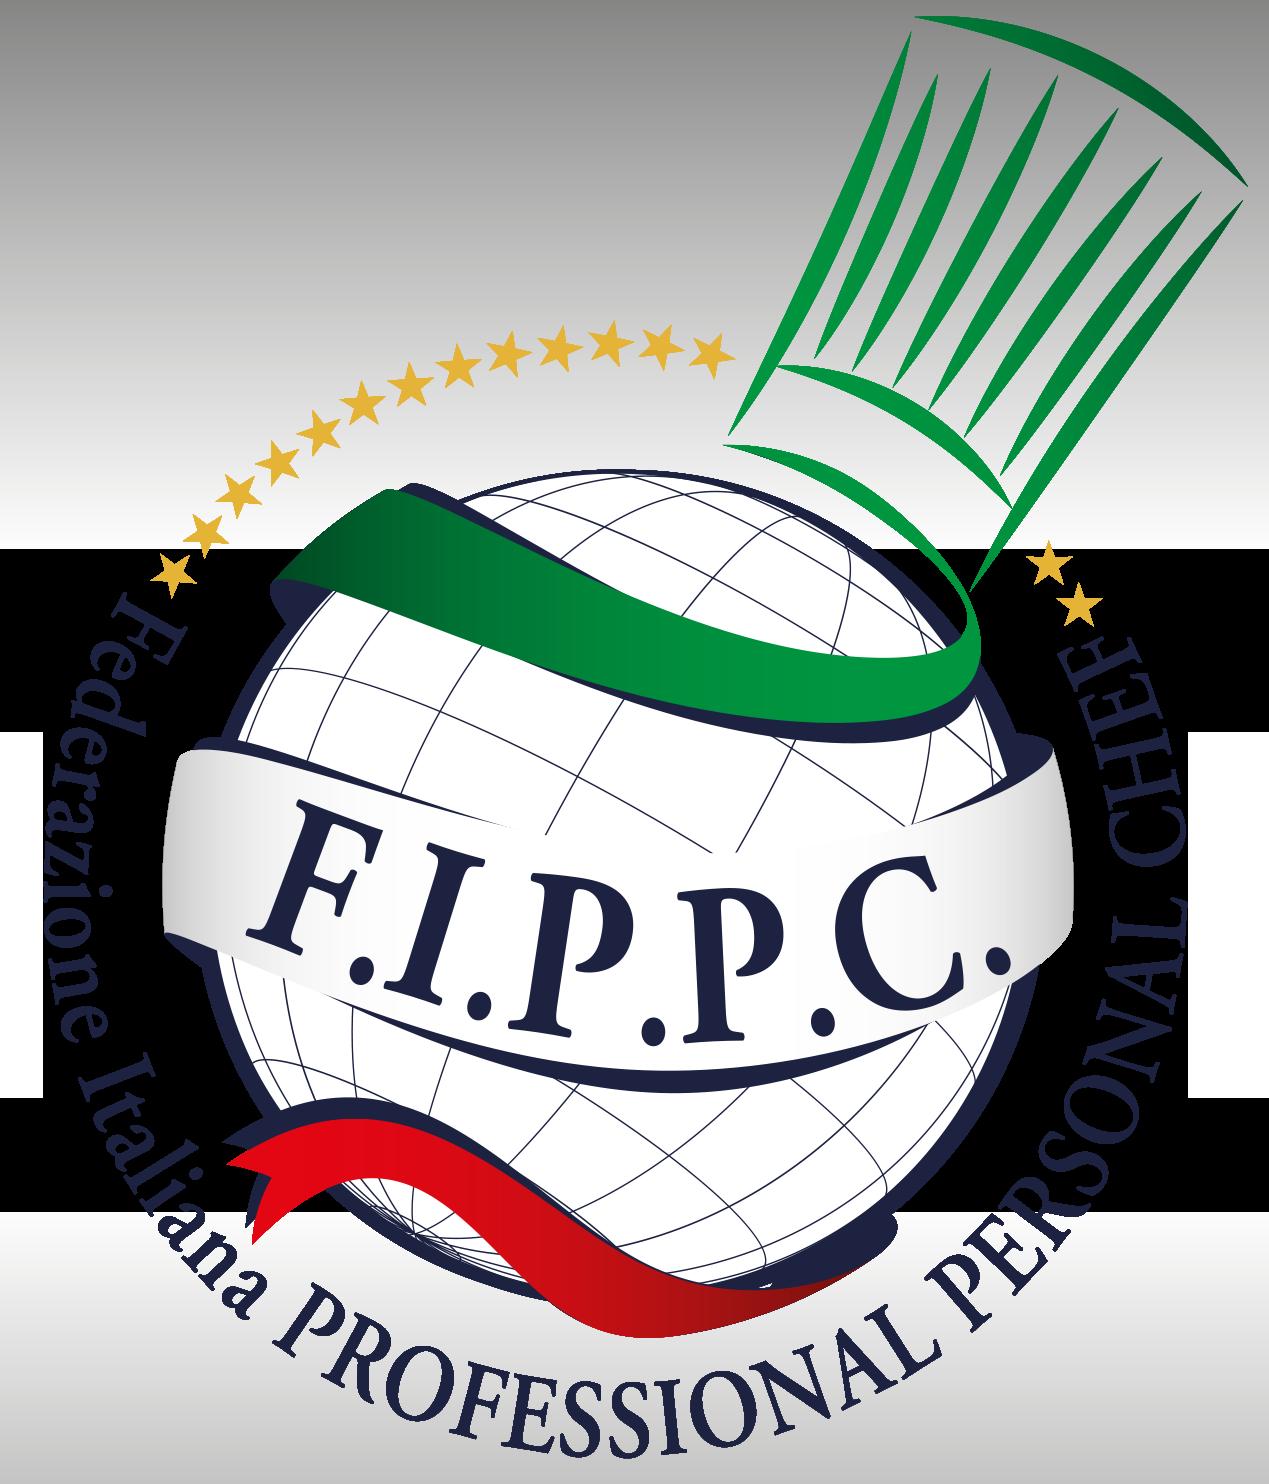 LOGO FIPPC